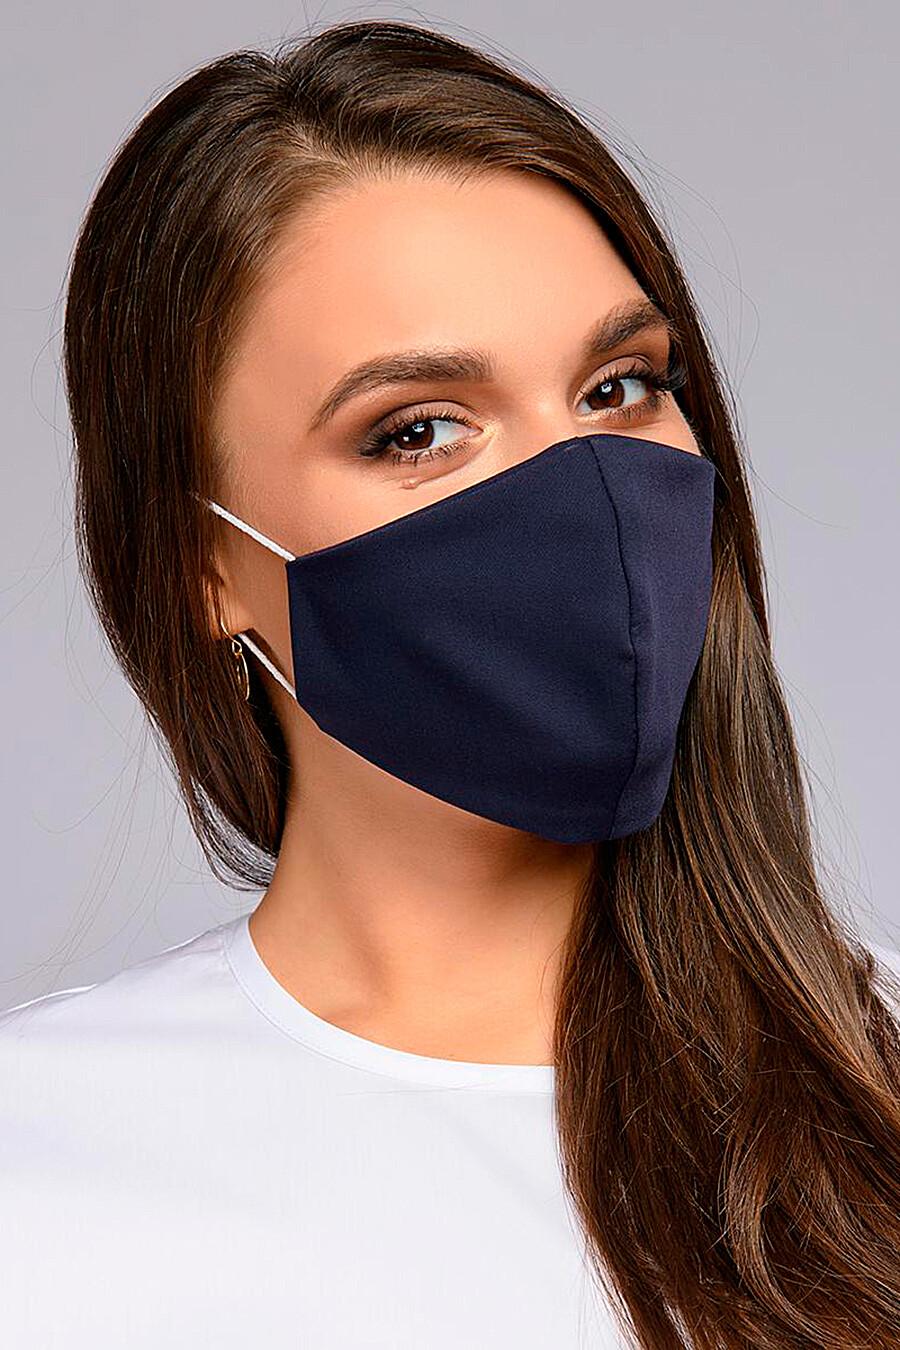 Маска (не медицинская) для женщин 1001 DRESS 219959 купить оптом от производителя. Совместная покупка женской одежды в OptMoyo